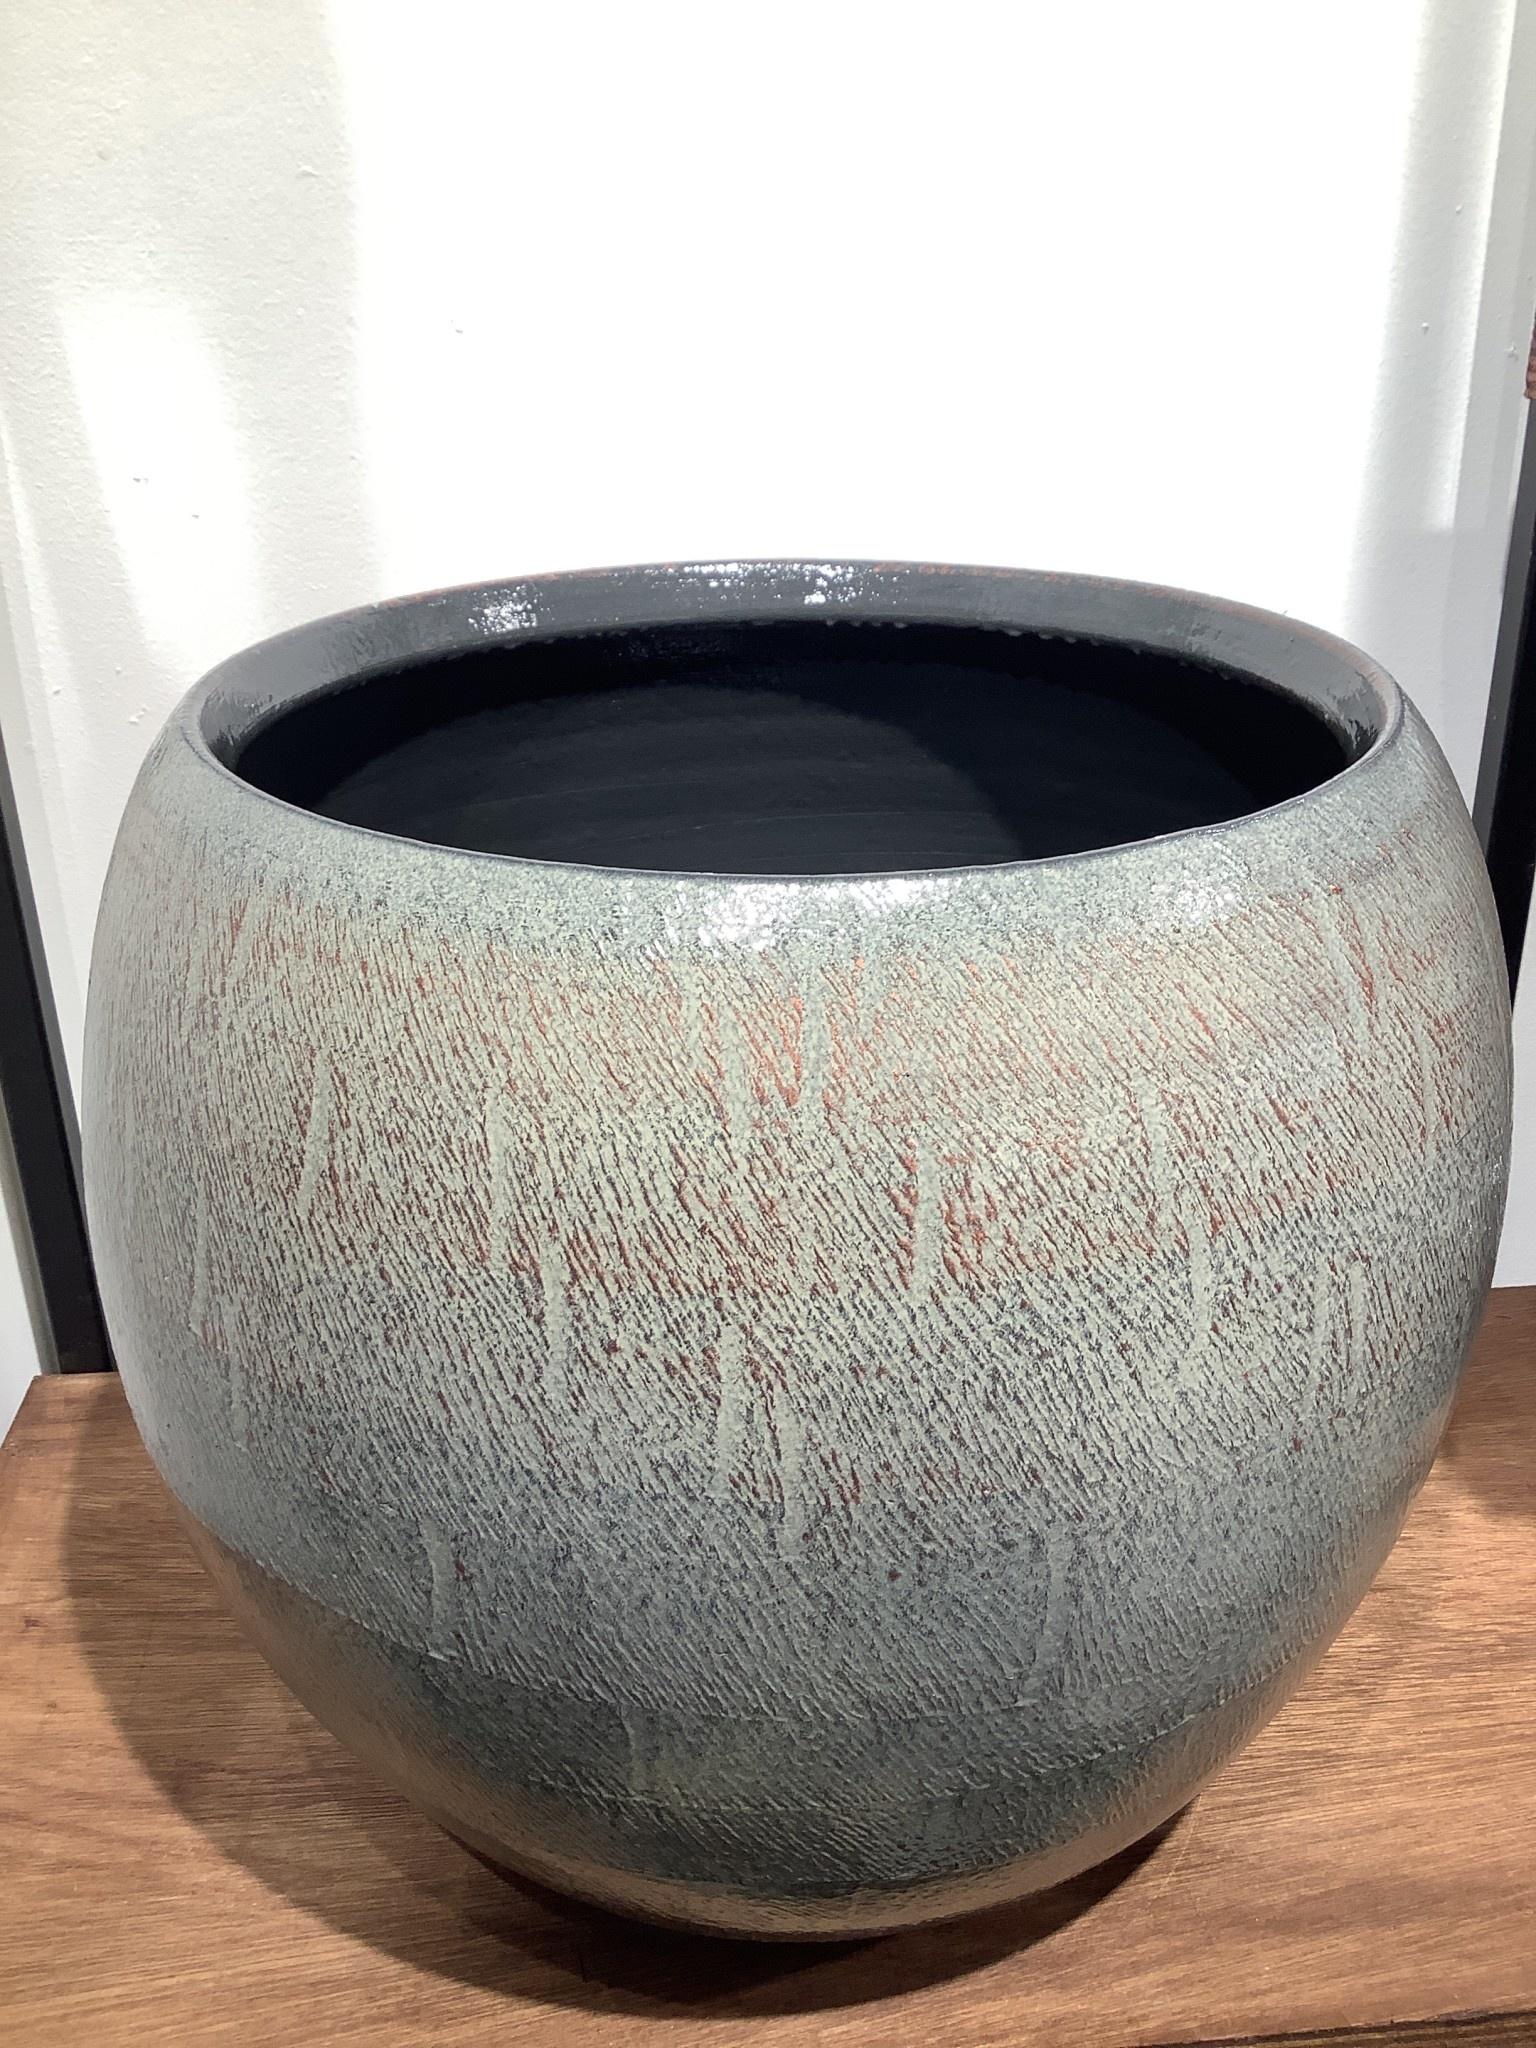 Pot Ayla grey brush  32 cm hoog